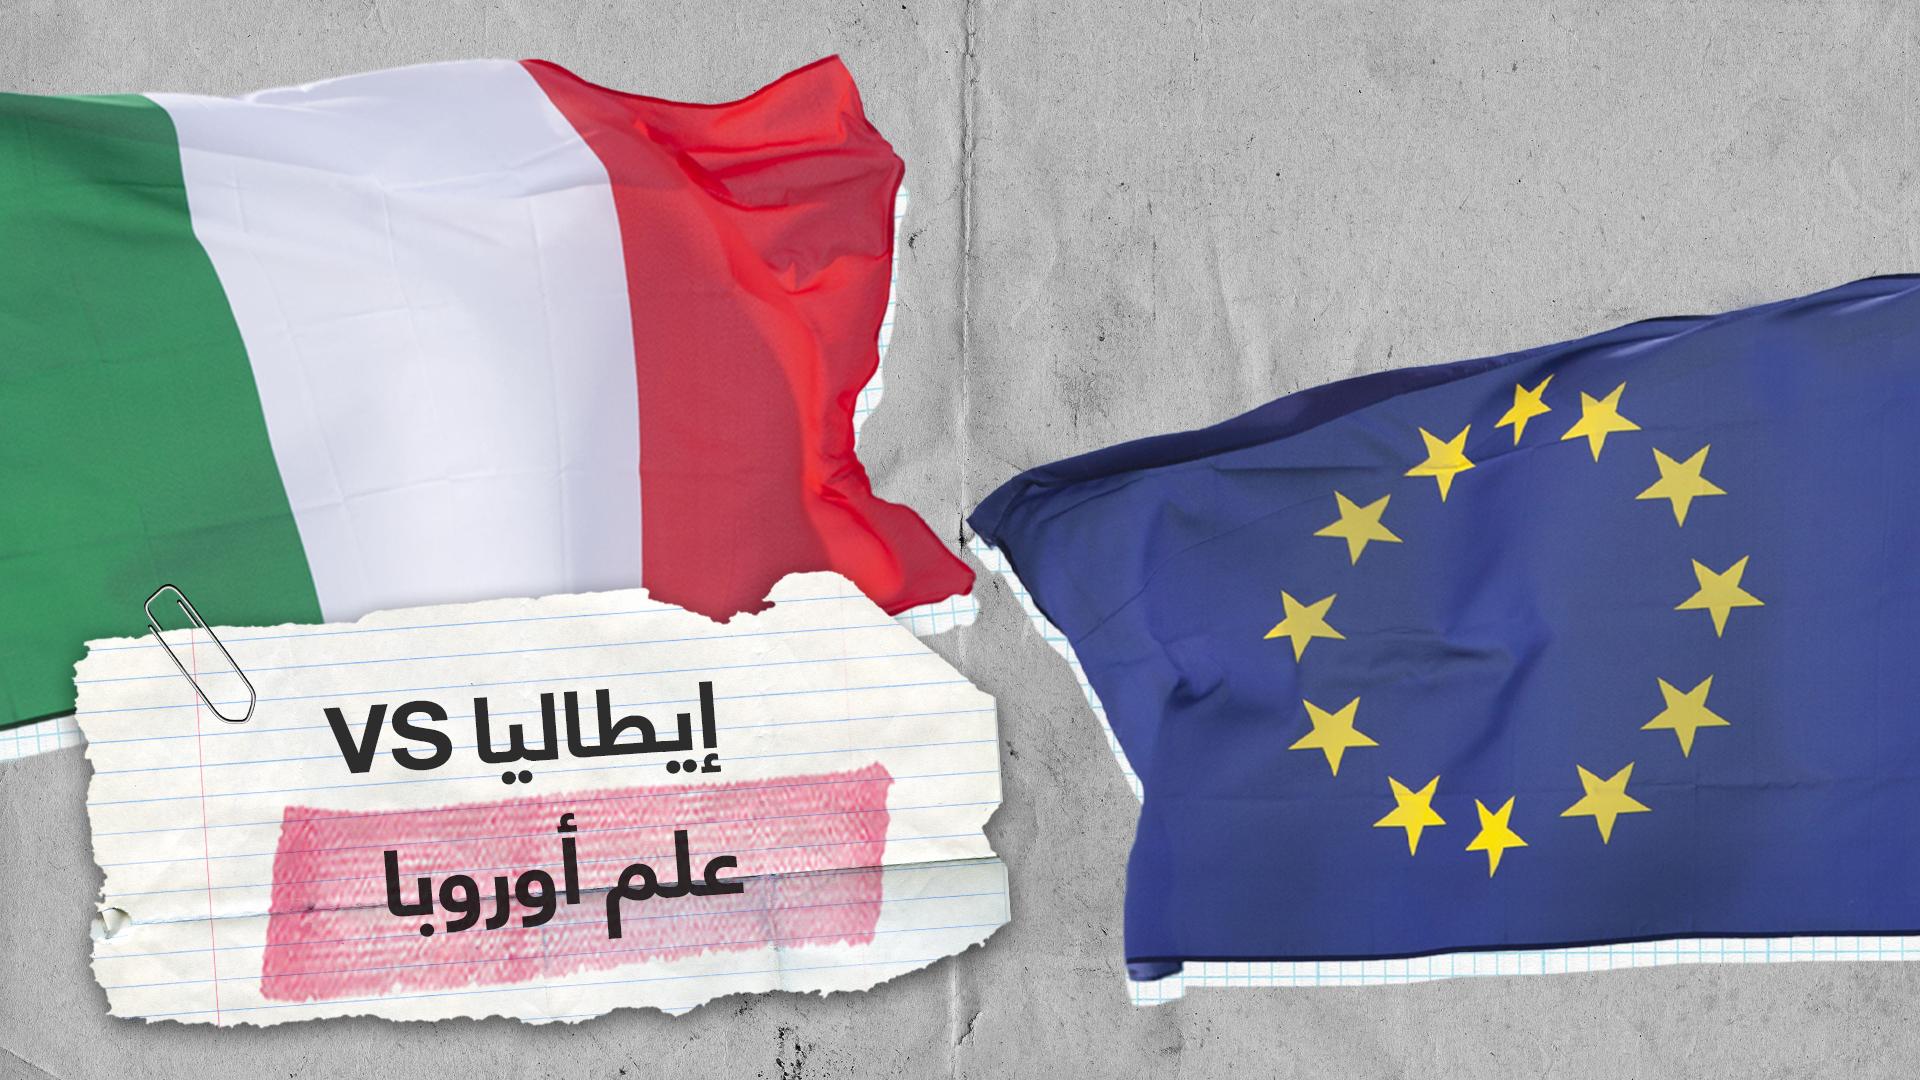 إيطاليا VS الاتحاد الأوروبي